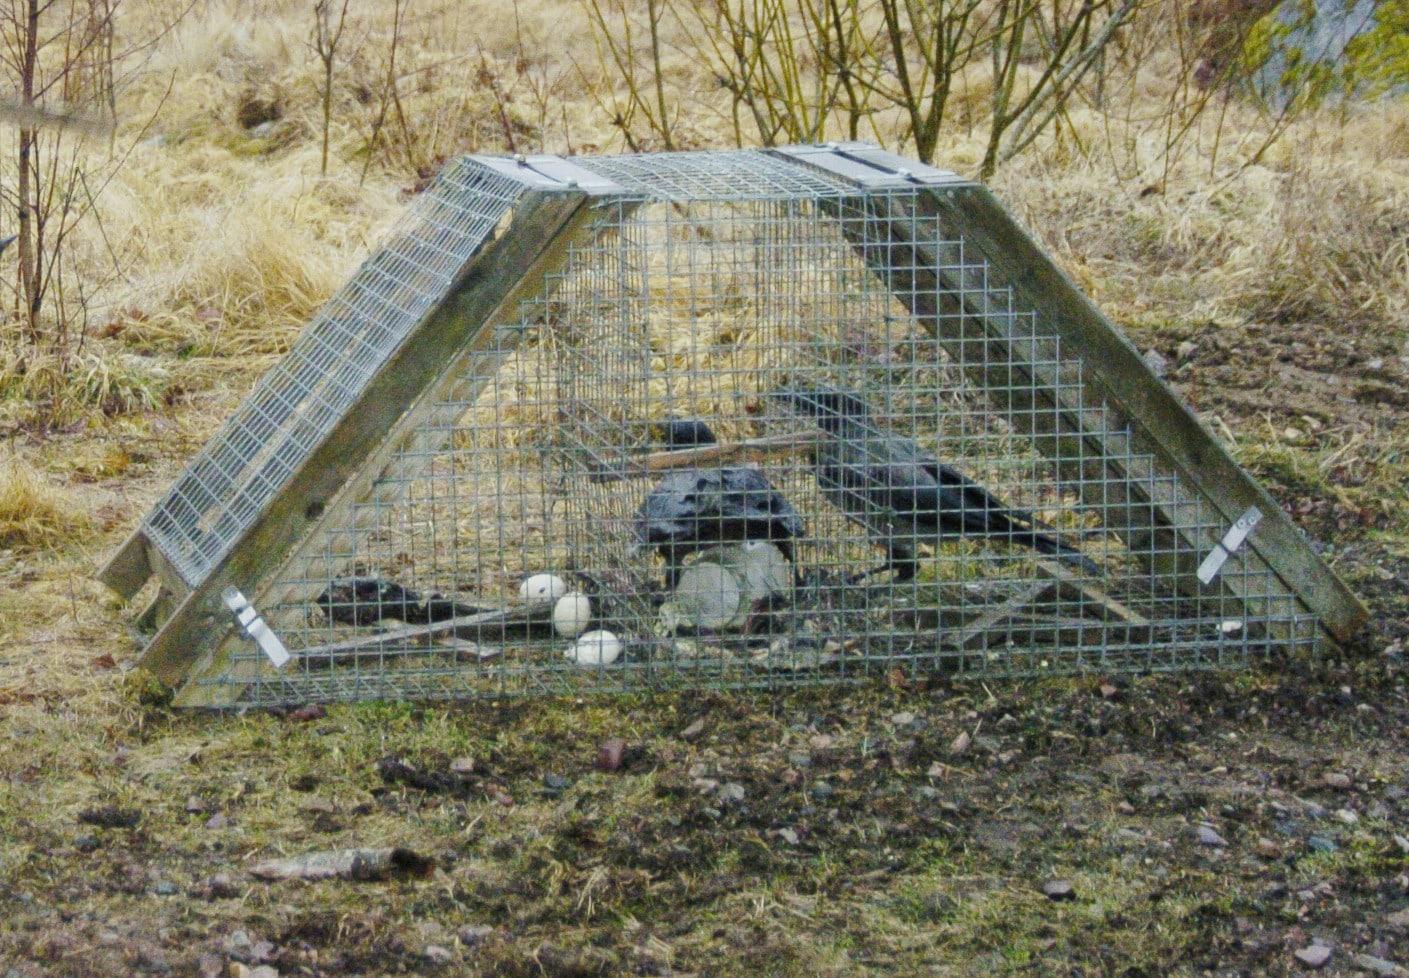 Kråkfångsten är en hörnsten i den utökade predatorjakten som görs för att gynna strandängarnas vadarfåglar. Ett Ölandsbås som på bilden är mycket effektivt när revirkråkor ska tas bort.